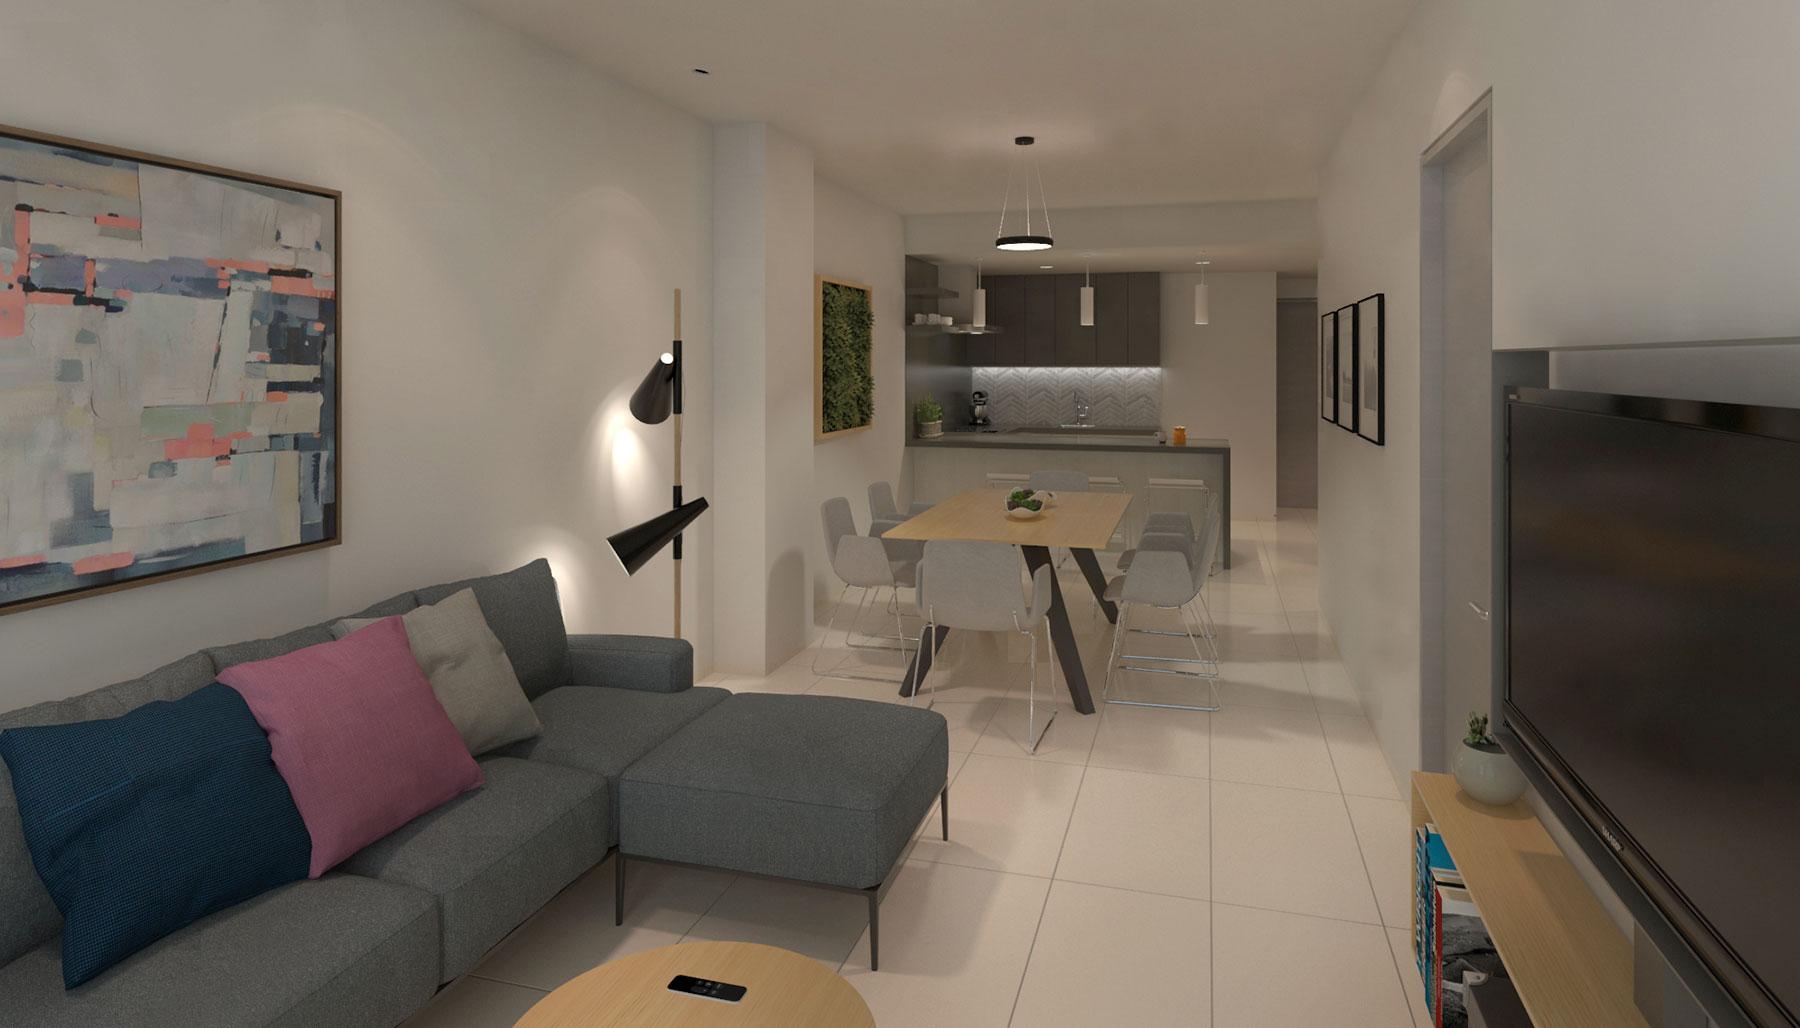 20297 2 bedroom condo in the center of Playa del  - Condo